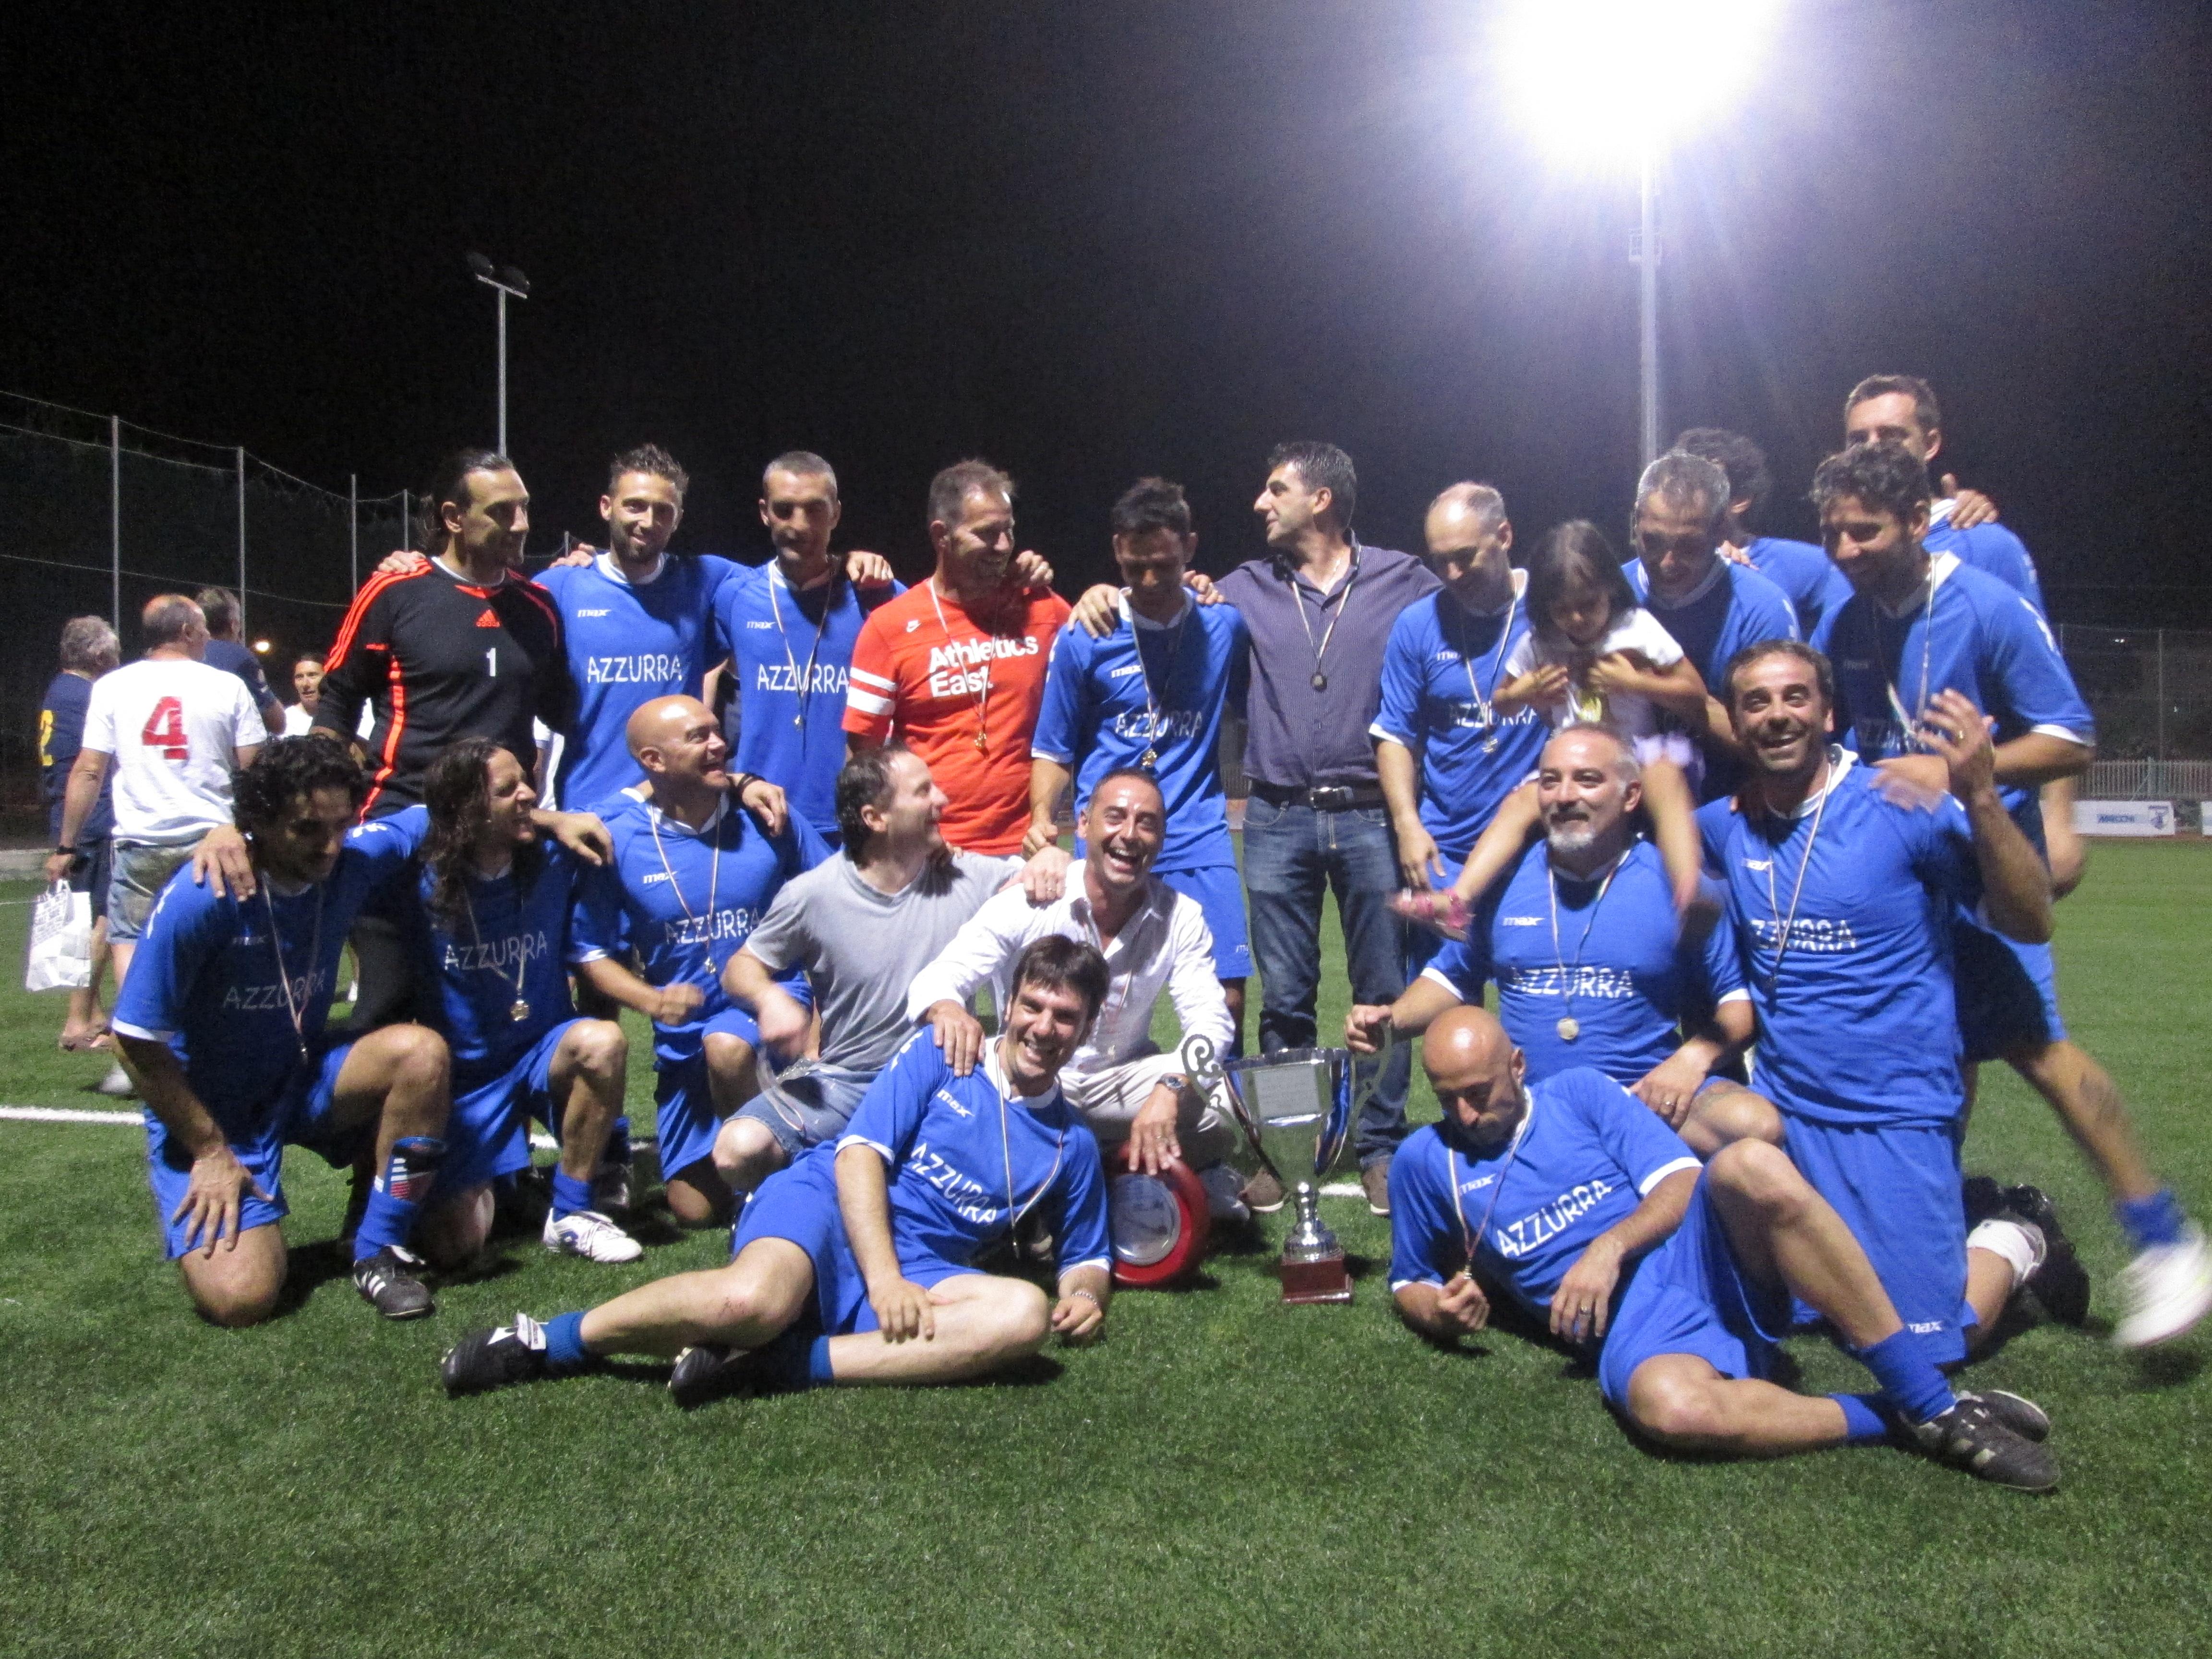 I giocatori dell'Azzurra, vincitrice del torneo